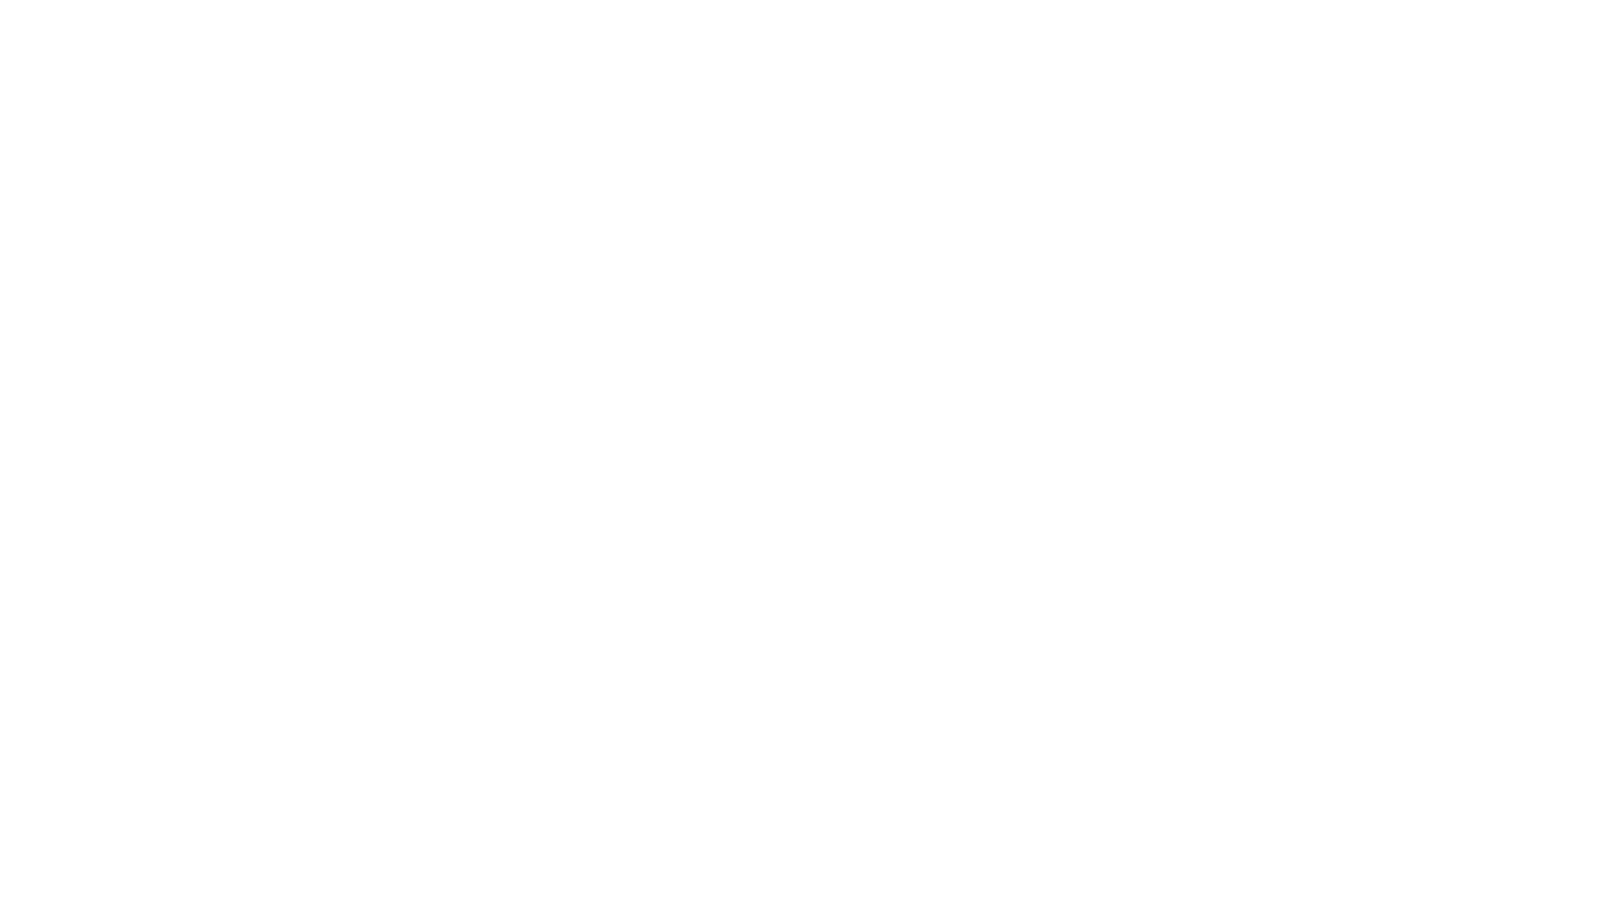 في فيديو اليوم وفي الحلقة الخامسة من حلقات التعريف بمصطلح Framework. نتحدث وأياكم عن مصطلح مهم في ضبط نسب التعريض في المشاهد السينمائية، حيث يساعدنا فهم هذا المصطلح على العمل على تشكيل تباين في الإضاءة في المشاهد التي نقوم عليها لخلق العمق، في الفيديو أيضاً قمنا بتحليل بسيط للقطتين من فيلم MANK الحائز على جائزة الأوسكار لعام 2020.  تابعوا قناة wandering DP : https://www.youtube.com/user/wanderingdp  إقرأ أيضاً :  نصائح في الإضاءة: الإضاءة بنمط رقعة الشطرنج https://radyf.com/cinematography-lighting-tips-1/   ----------------------------------------------------- بإمكانكم دعم مدونة رديف عن طريق حسابنا على موقع باتريون :  https://www.patreon.com/RADYF  –––  إنضموا إلينا الآن على السوشل ميديا –––   إنستاغرام : https://www.instagram.com/radyf_blog تويتر : https://twitter.com/RADYF_BLOG فيسبوك : https://www.facebook.com/RADYFarabic